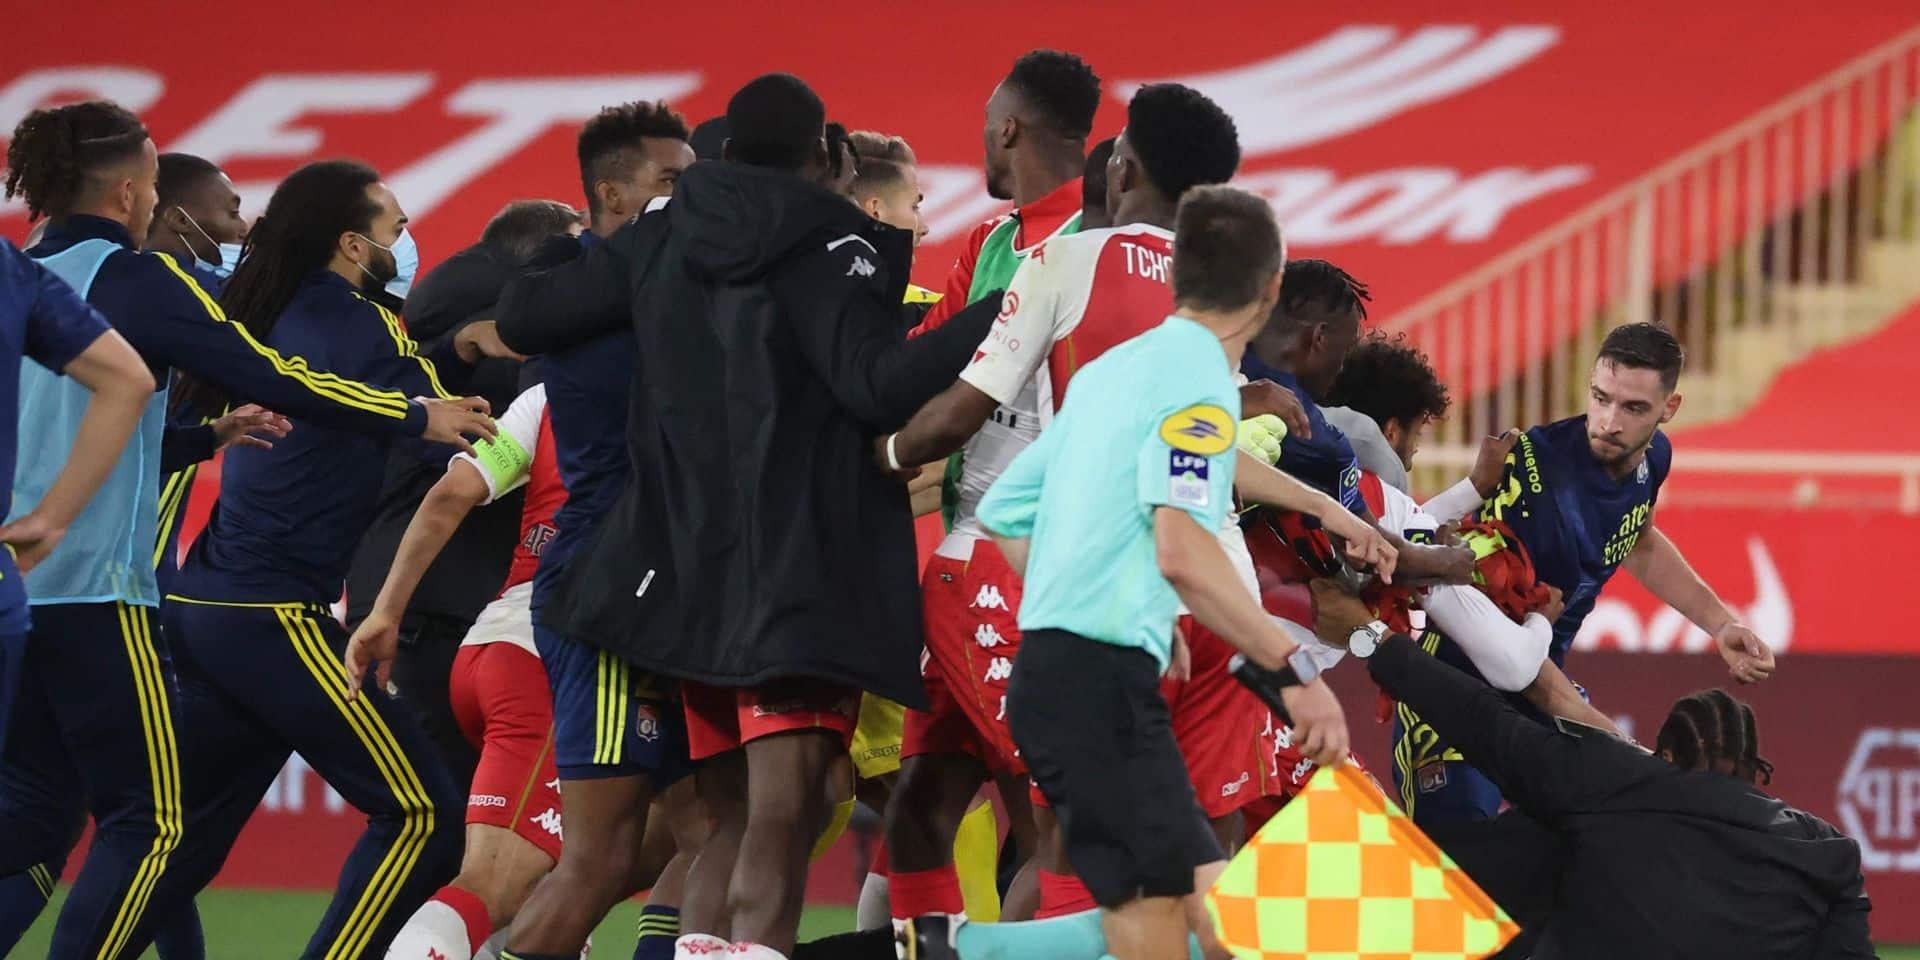 Une bagarre générale éclate lors du choc entre Monaco et Lyon : 4 joueurs exclus !